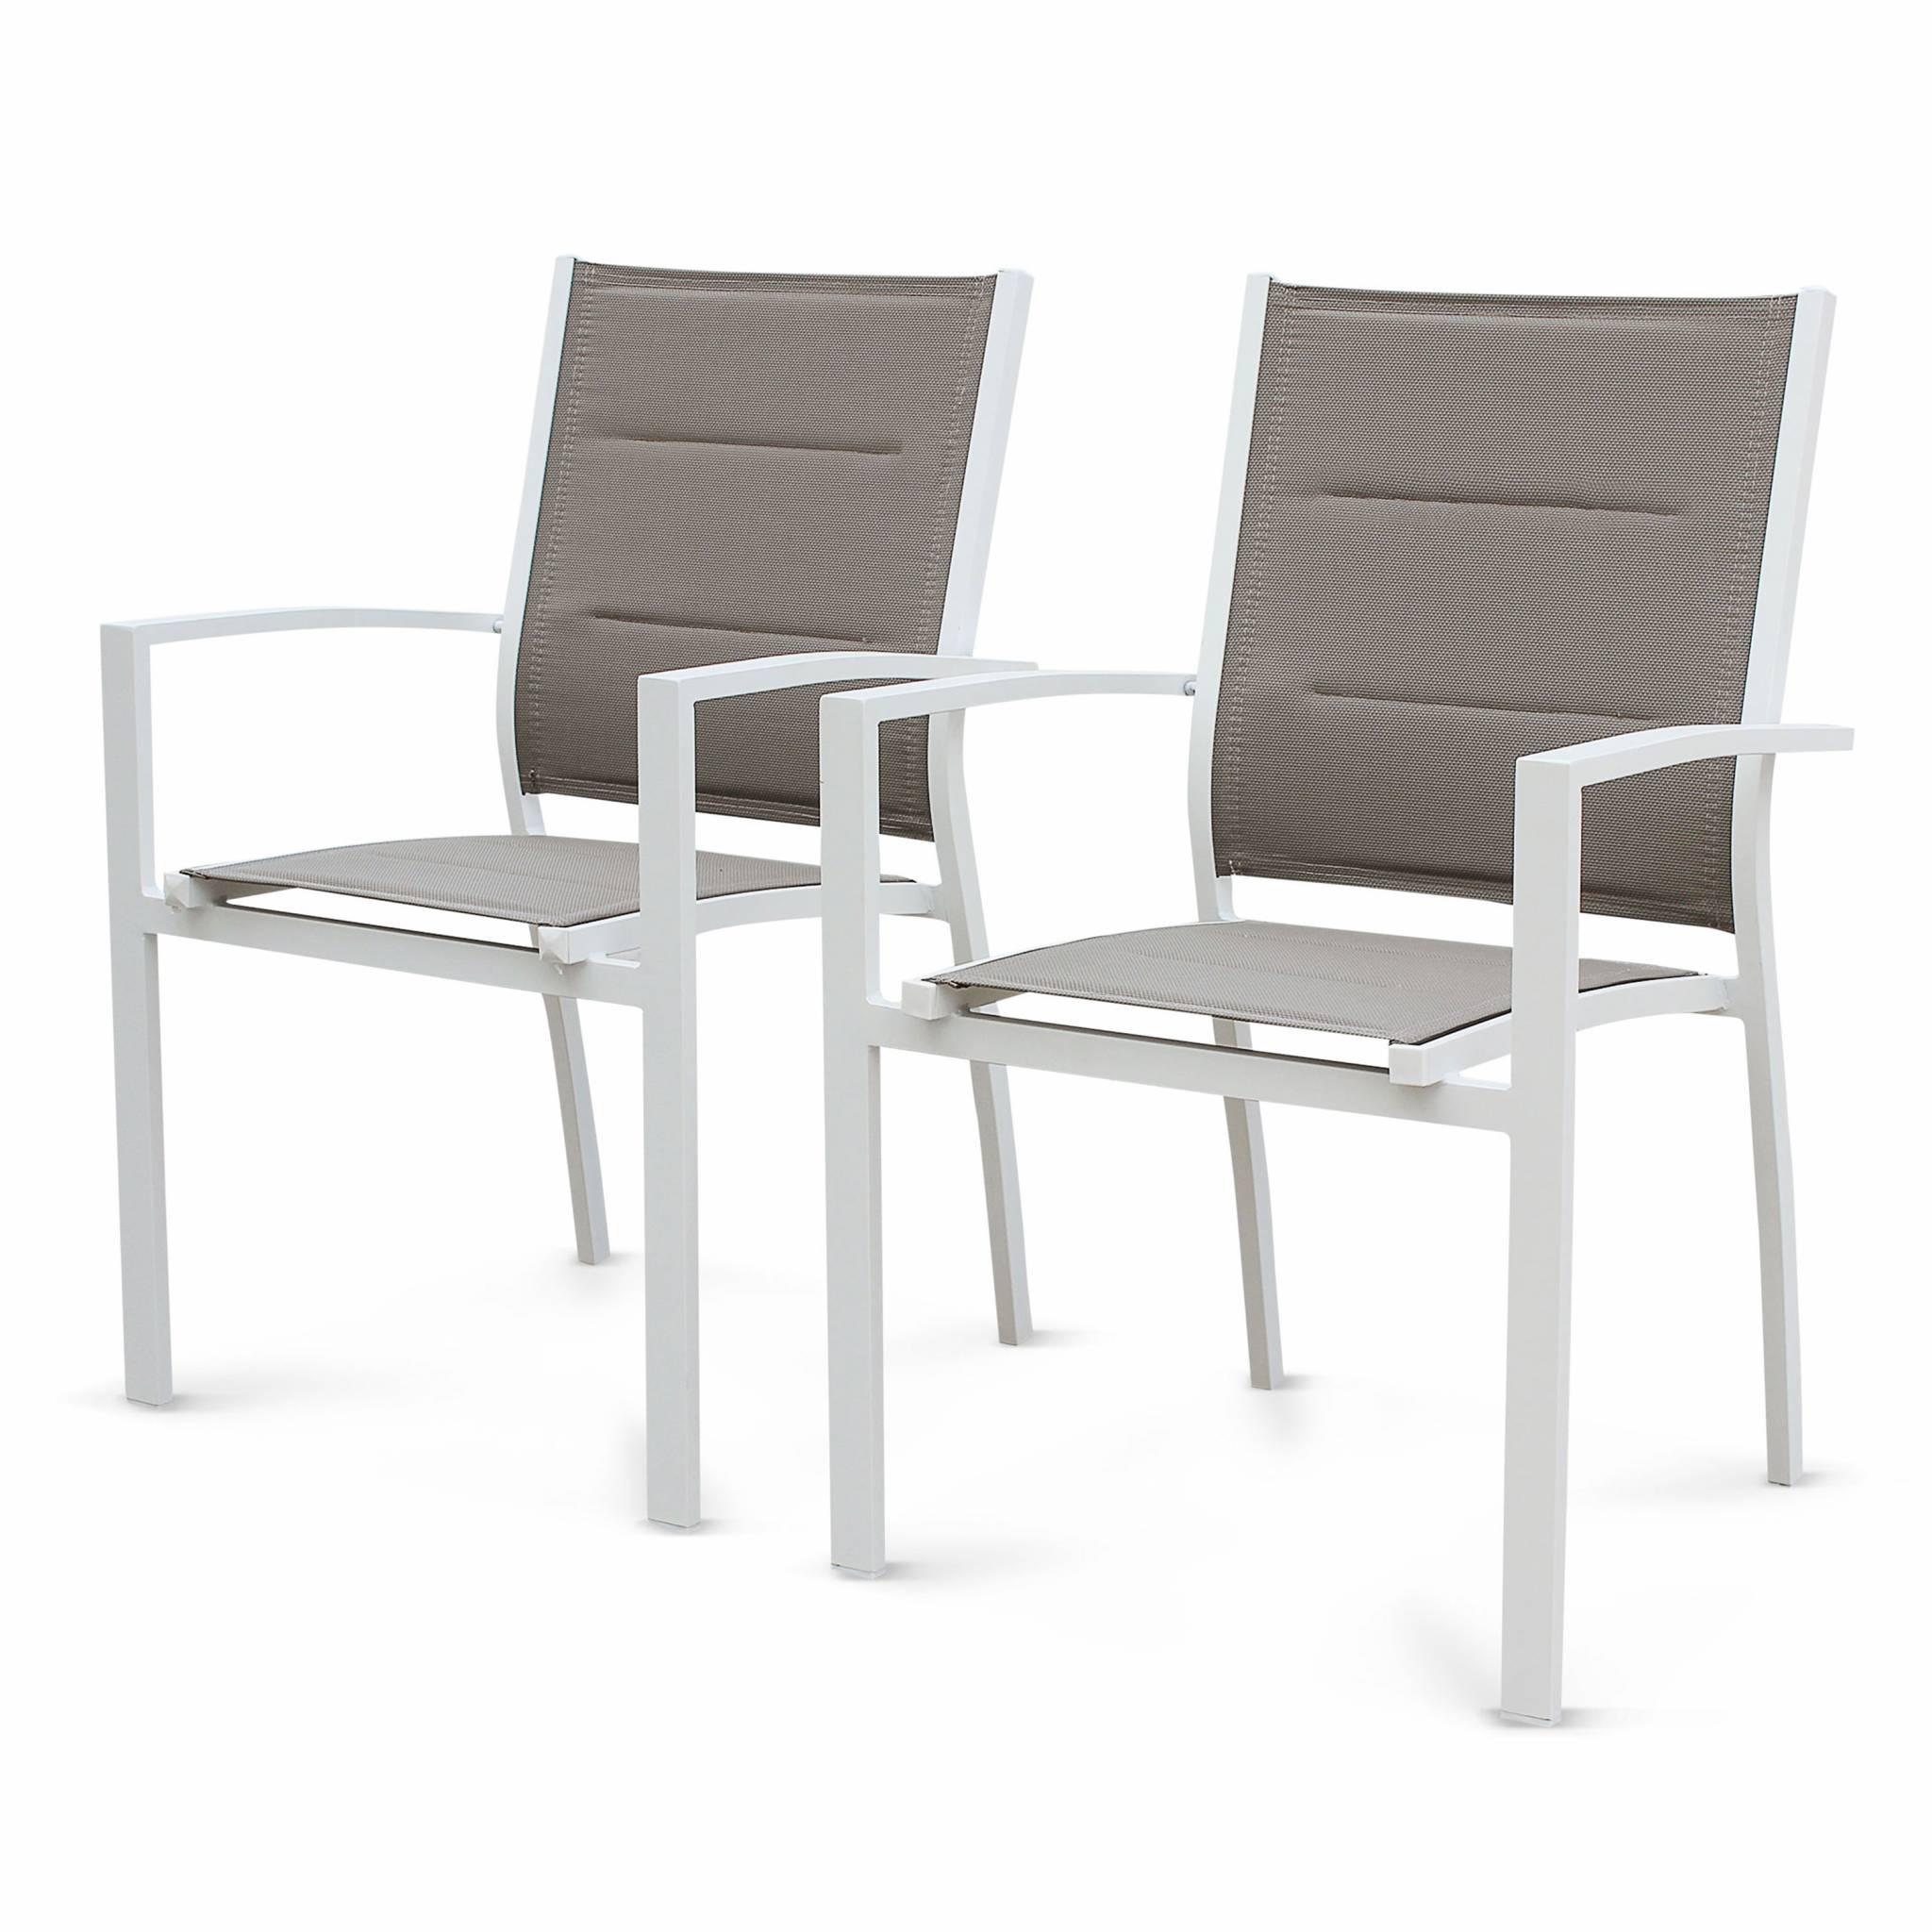 Lot de 2 fauteuils en aluminium blanc et textilène taupe